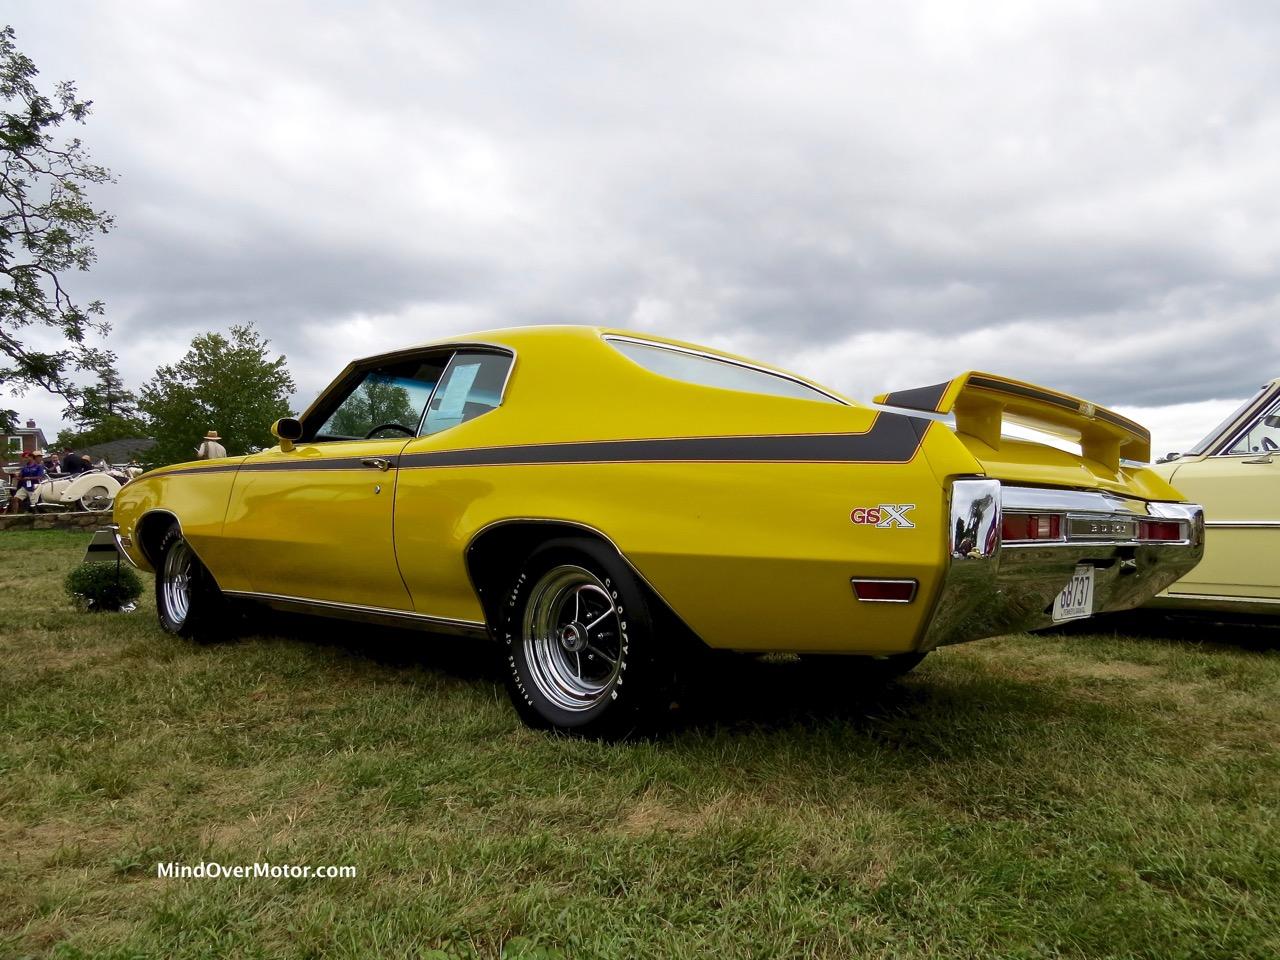 1970 Buick GSX Rear Side Profile